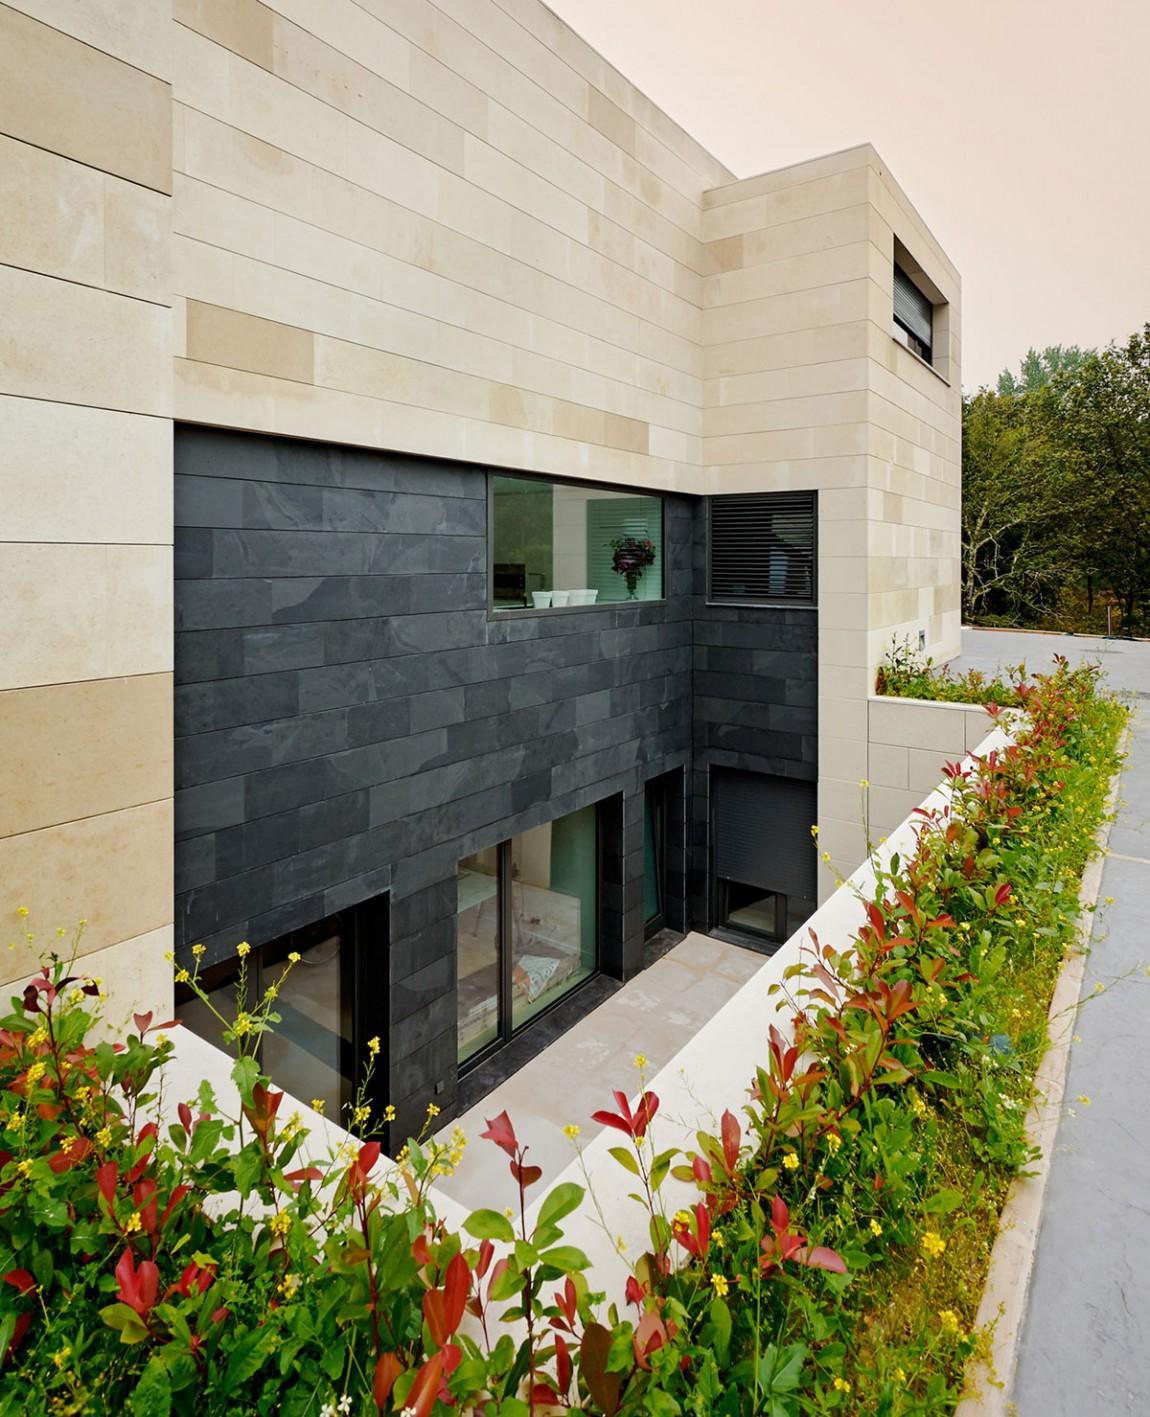 Casa bilba na foraster arquitectos - Foraster arquitectos ...